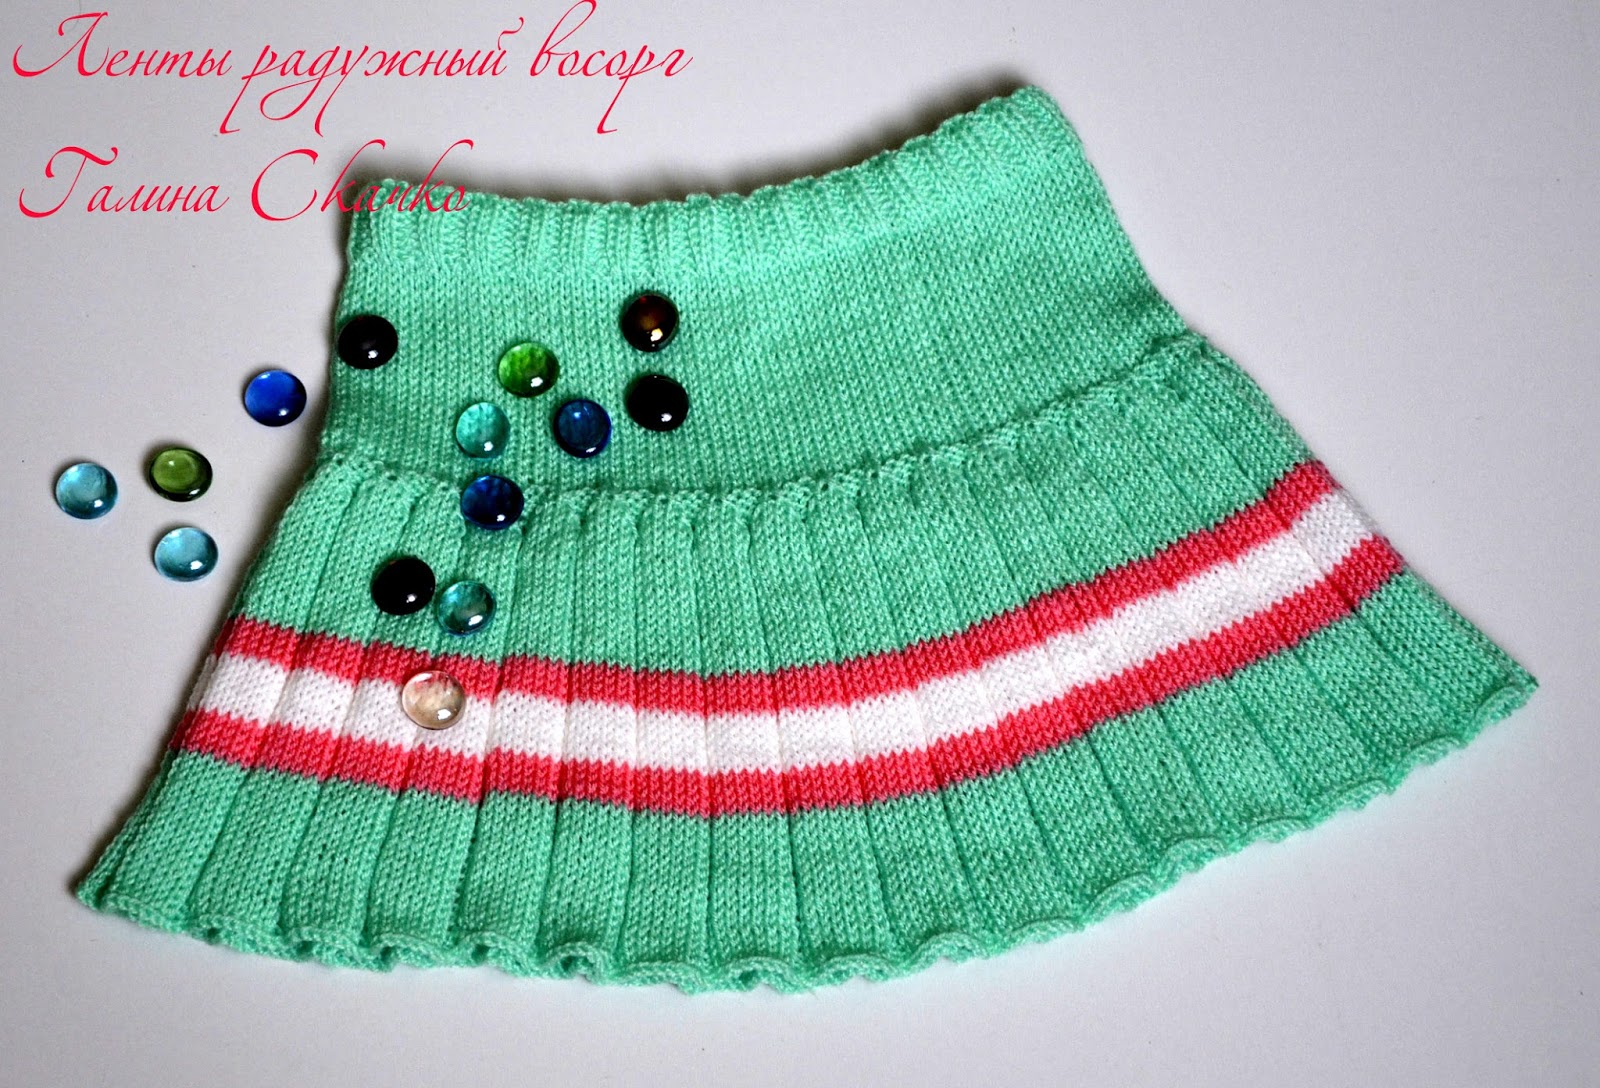 вязанная юбочка для девочки, вязаная спицами детская юбочка